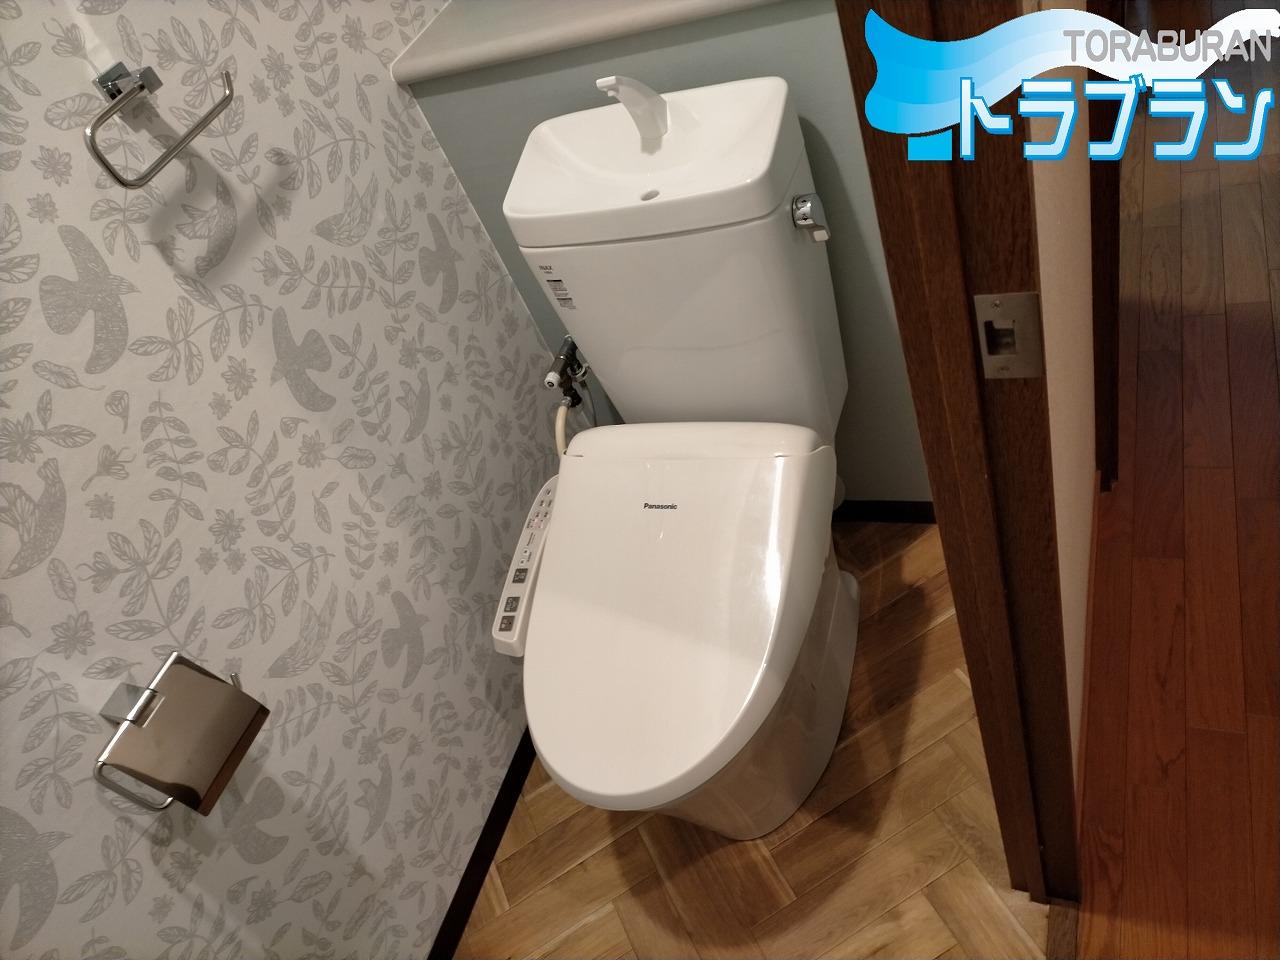 トイレ 交換工事 トイレのリフォーム 神戸市 トラブラン